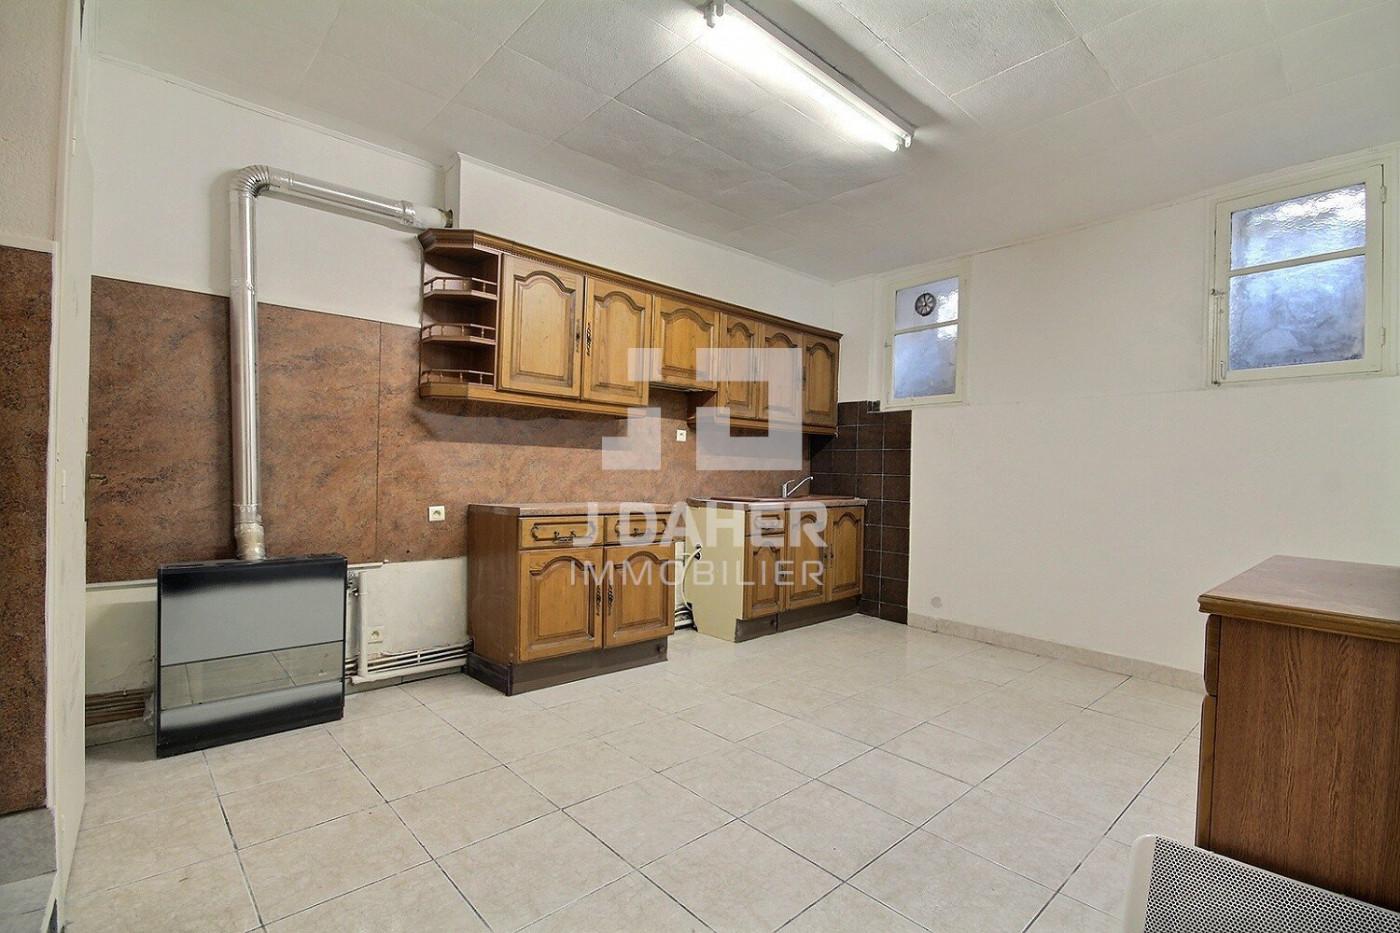 A vendre  Marseille 7eme Arrondissement   Réf 130251005 - J daher immobilier